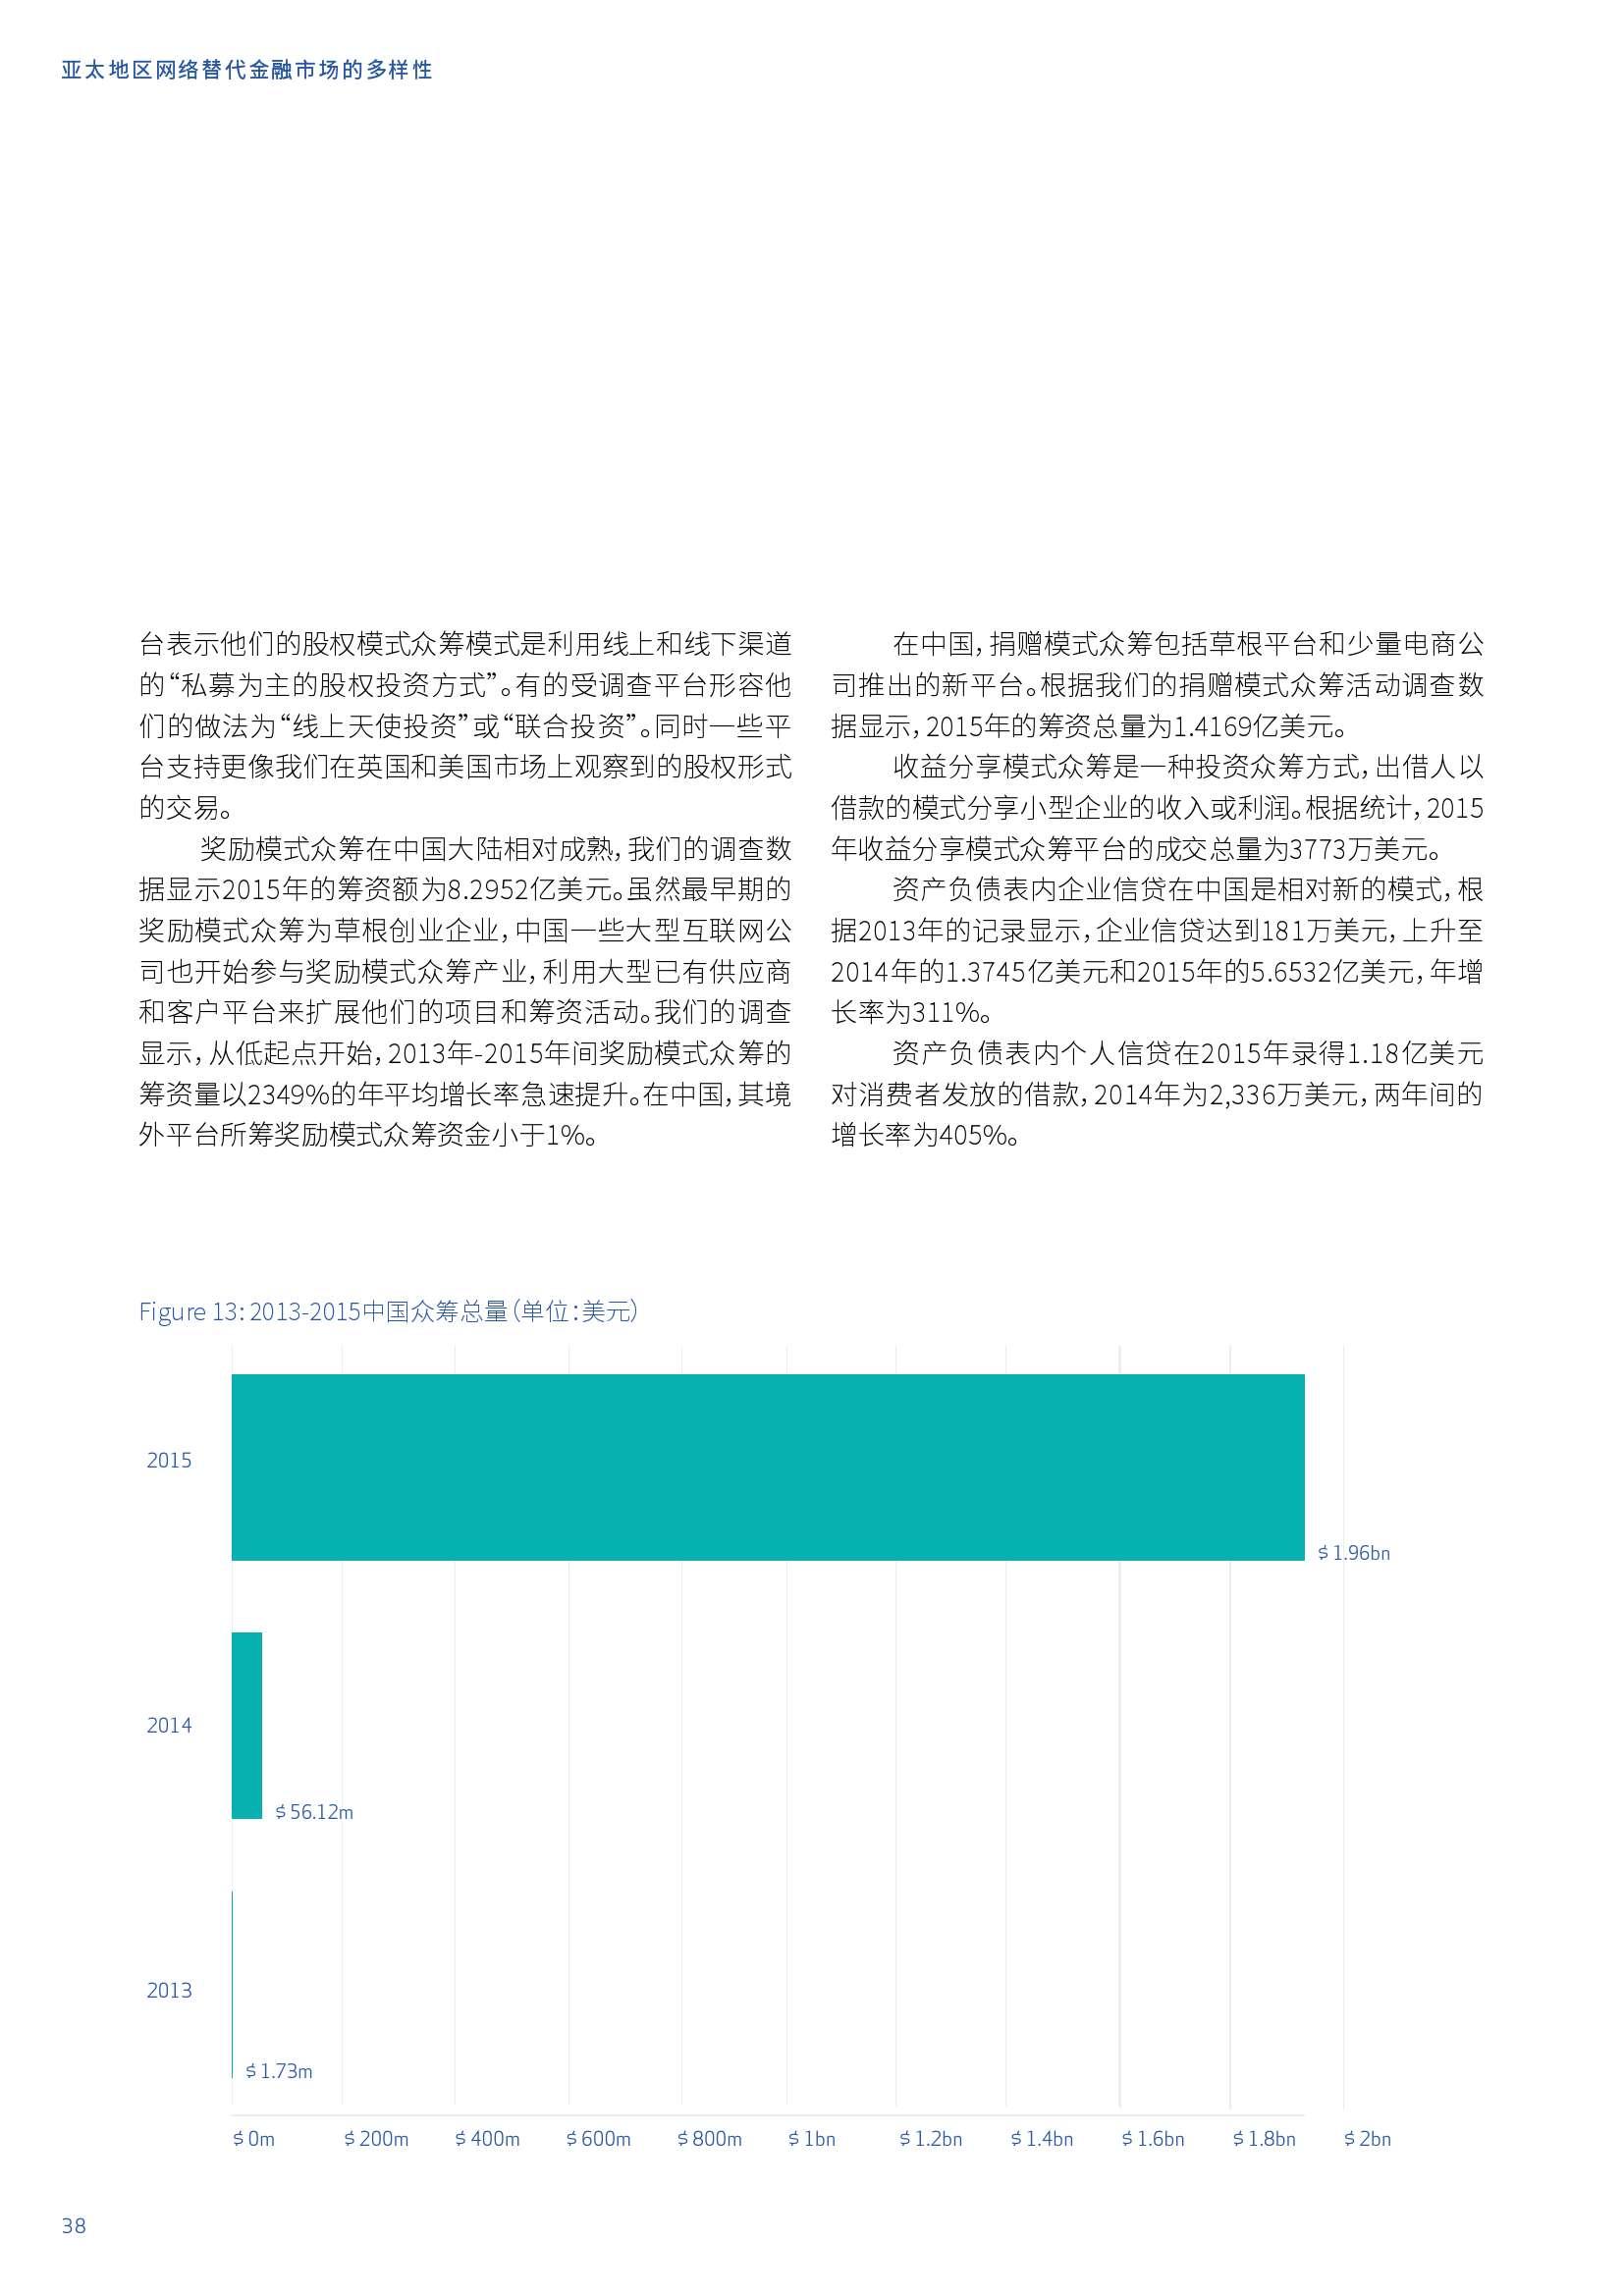 亚太地区网络替代金融基准报告_000038